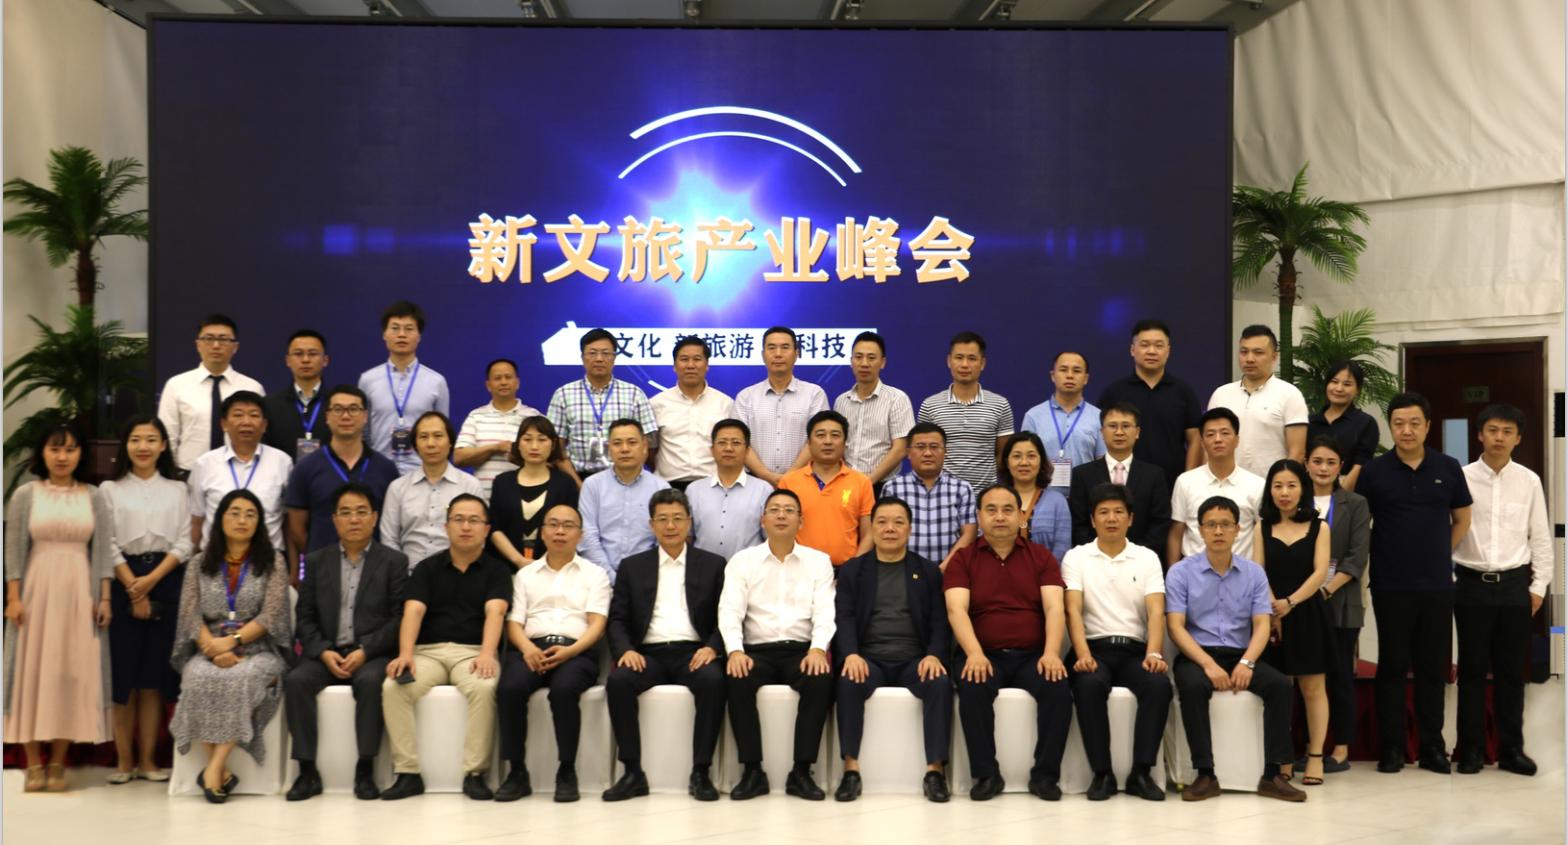 《新文旅产业峰会》成功举办